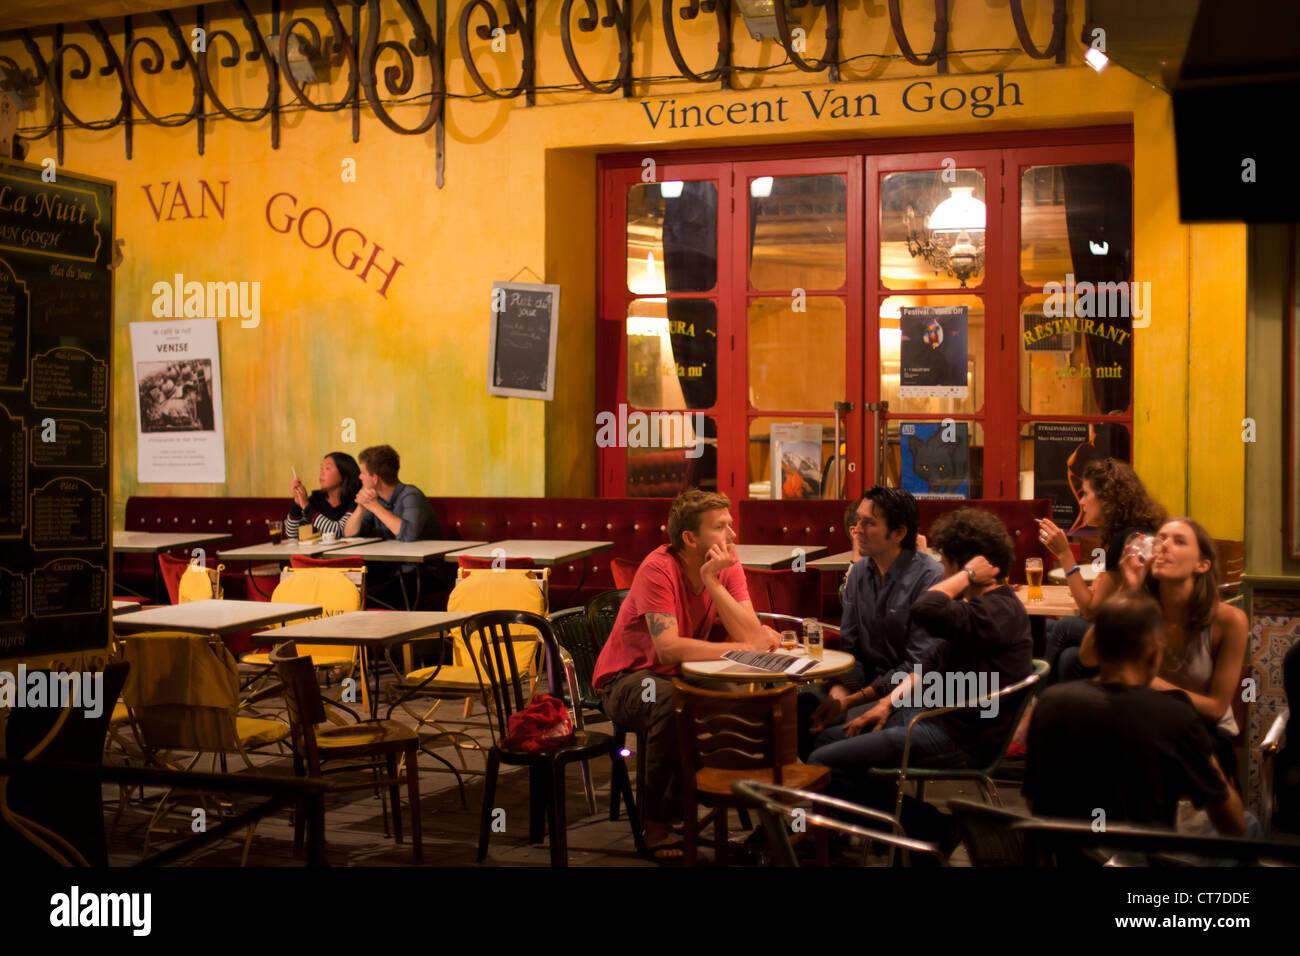 Café La Nuit Pensado Para Ser El Café Van Gogh Pintó En Su